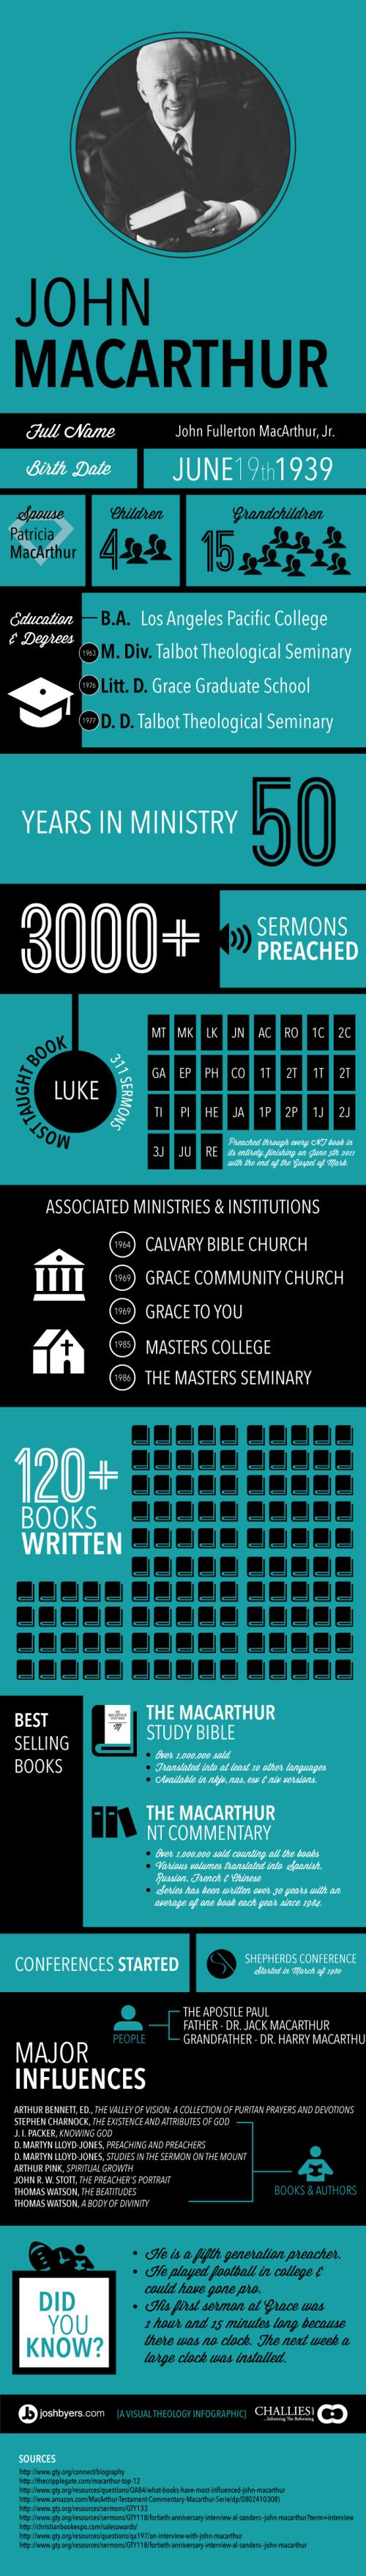 John_MacArthur_Infographic